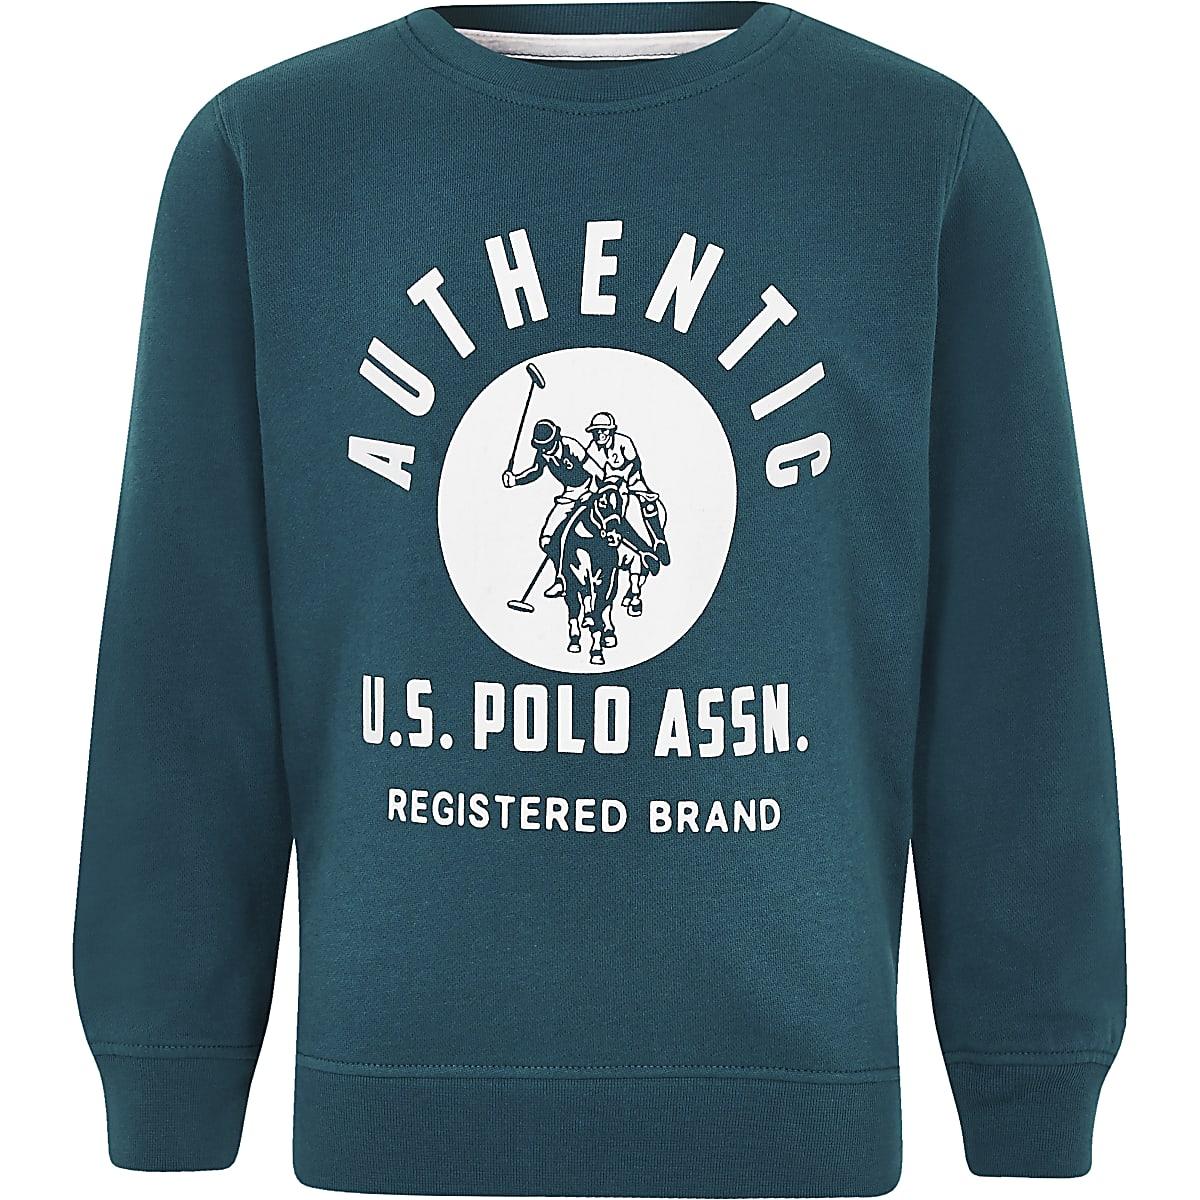 U.S. Polo Assn. – Sweat bleu pour garçon